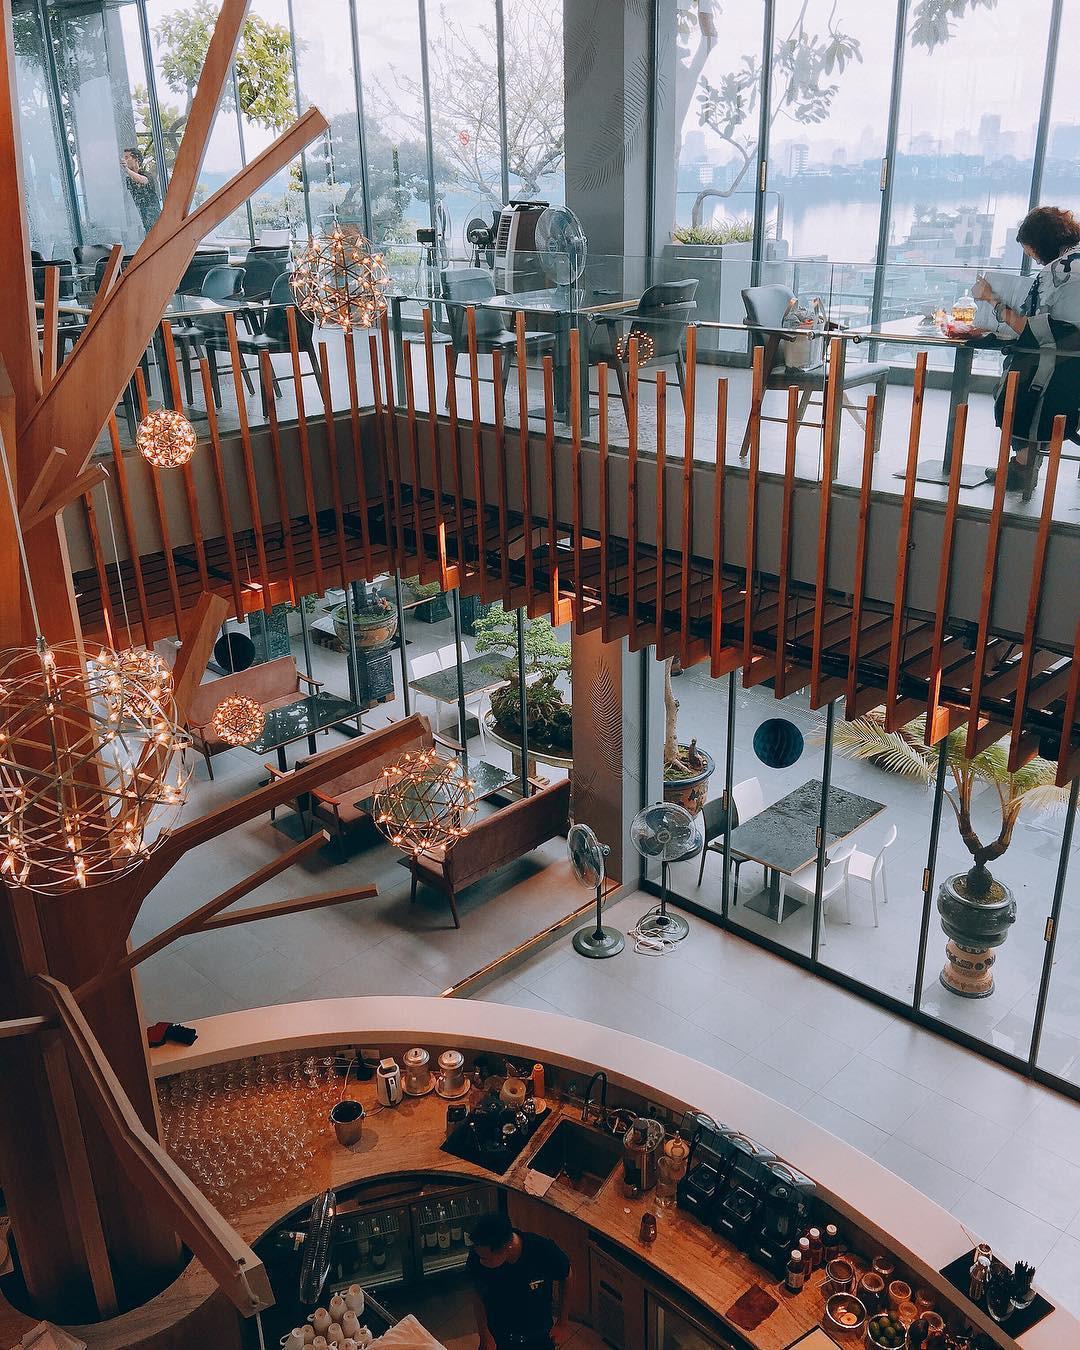 5 quán cà phê sang chảnh cho ngày lạnh ngắm vẻ đẹp Hà Nội Ảnh 17